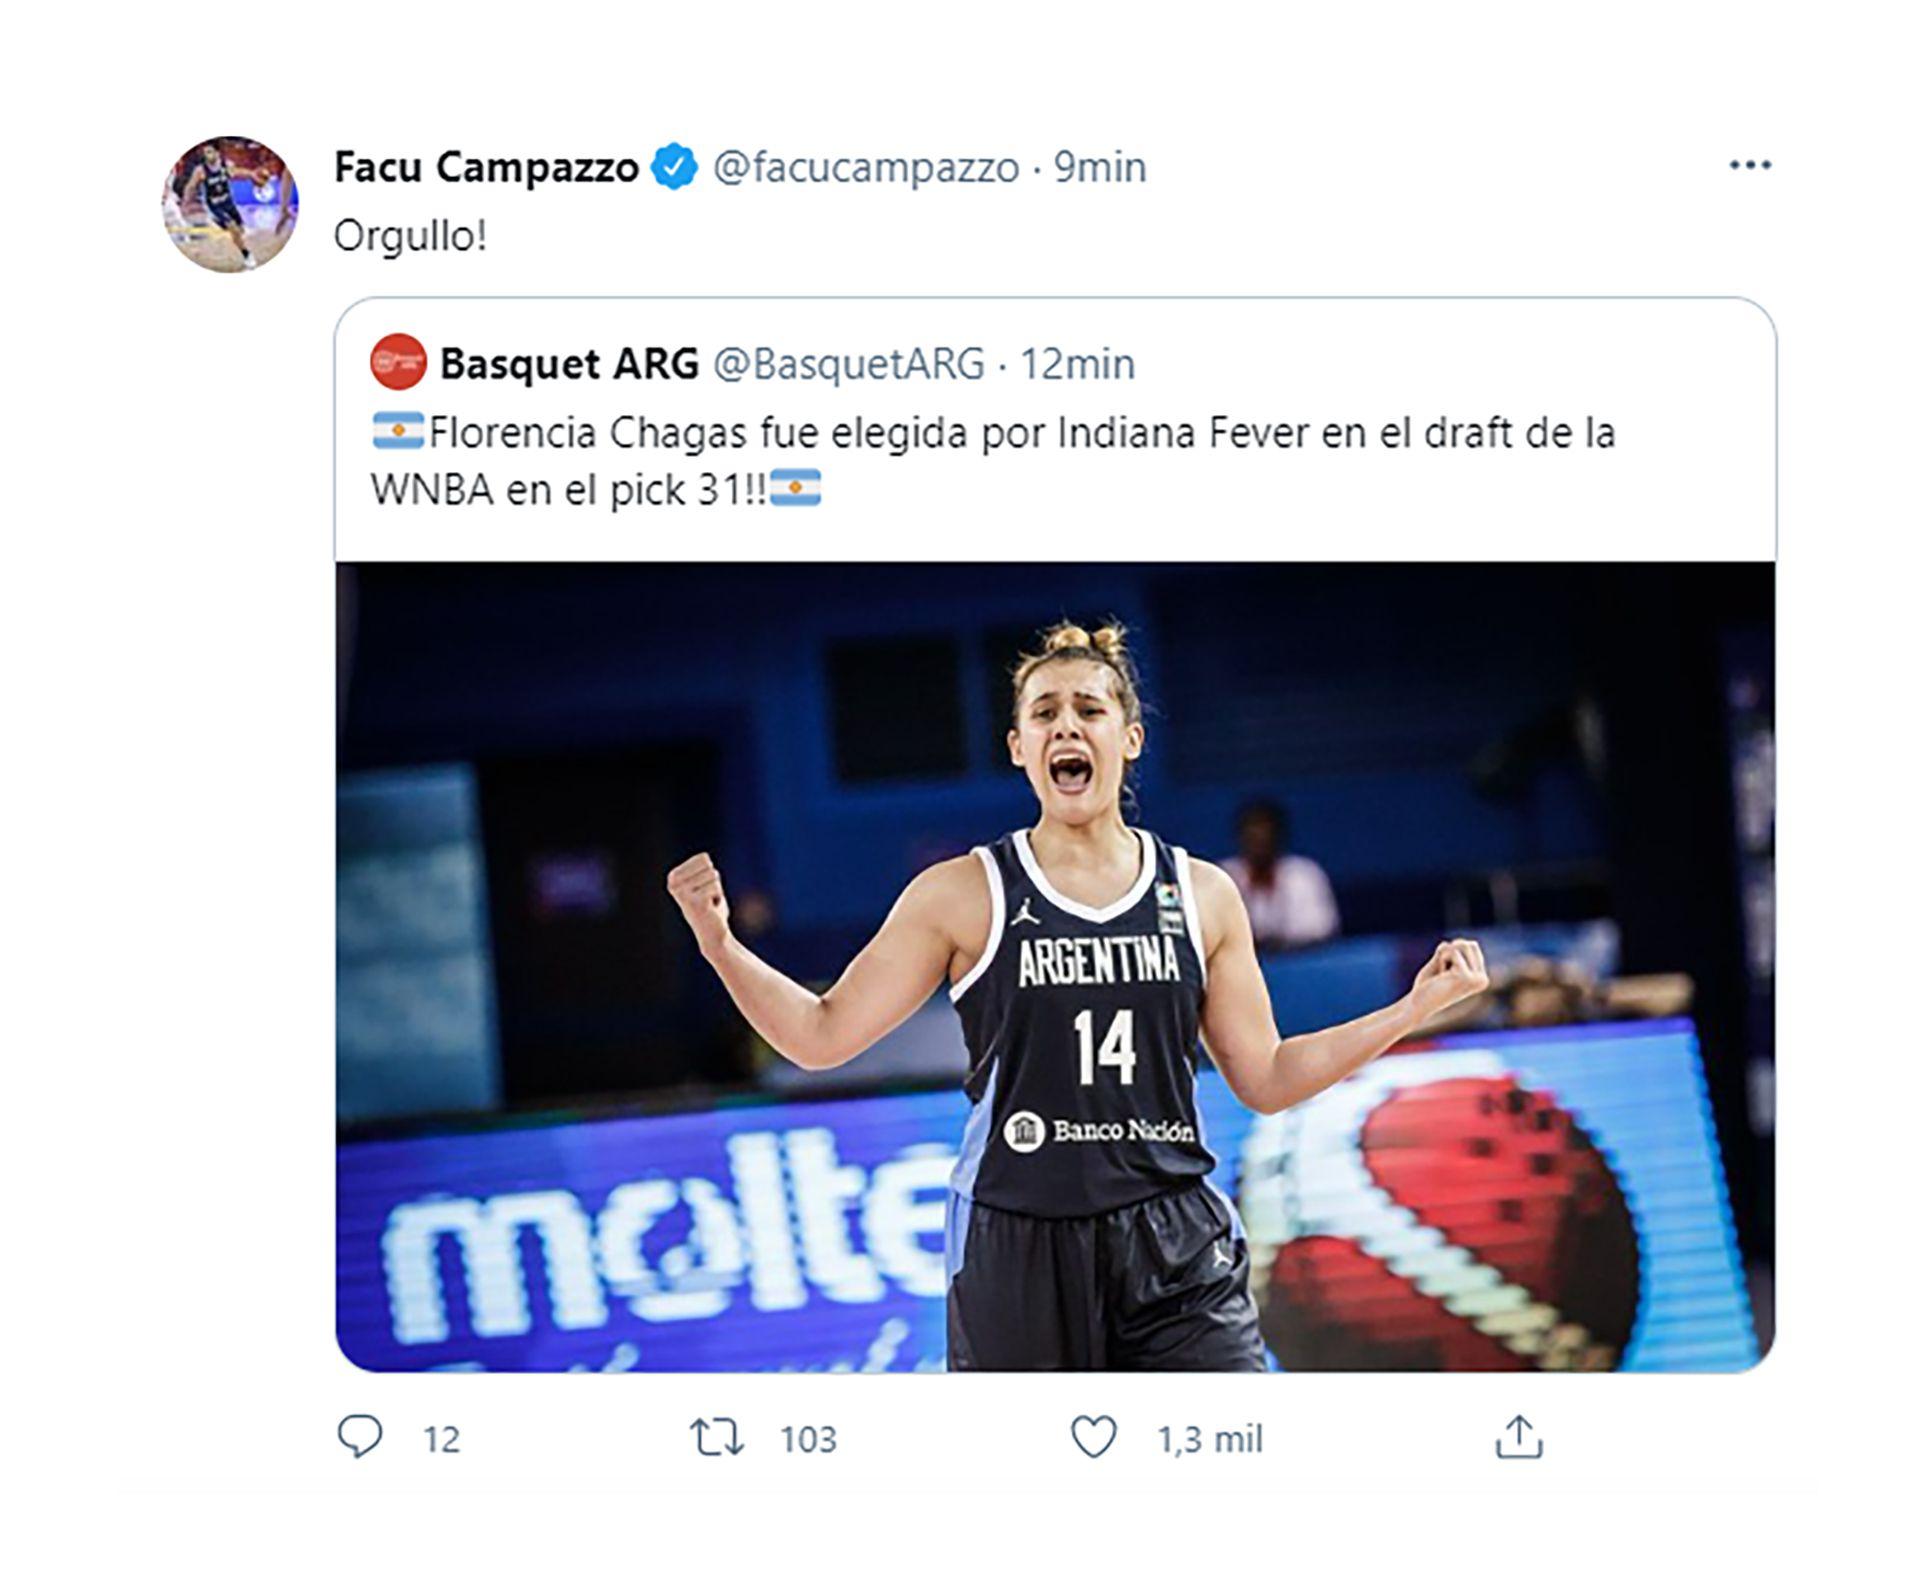 felicitación de Campazzo a Florencia Chagas por llegar a la NBA femenina